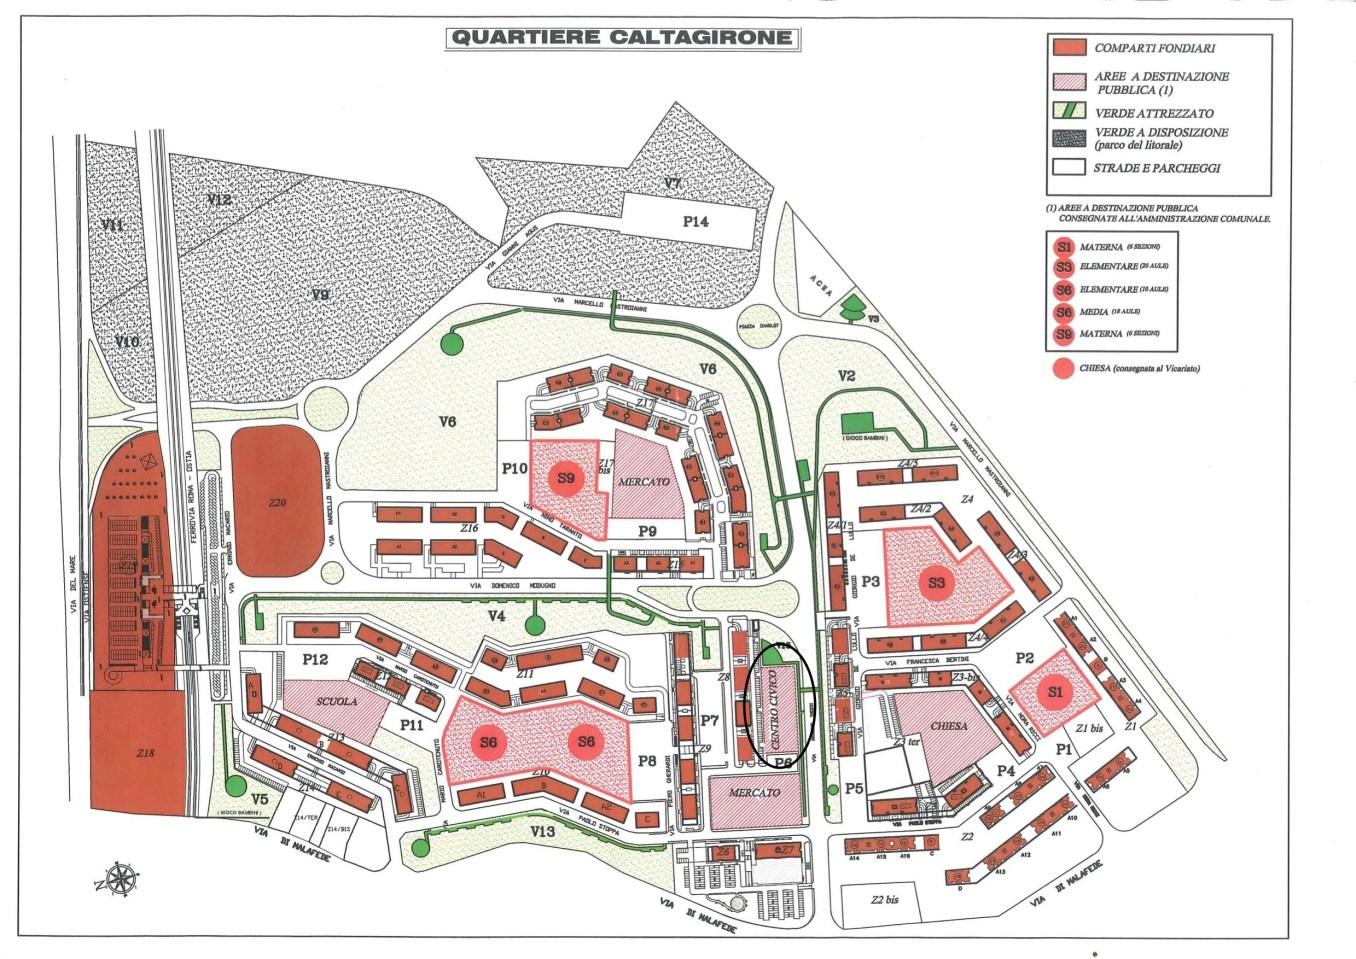 mappa_quartiere_Giardino_di_Roma_centro_civico